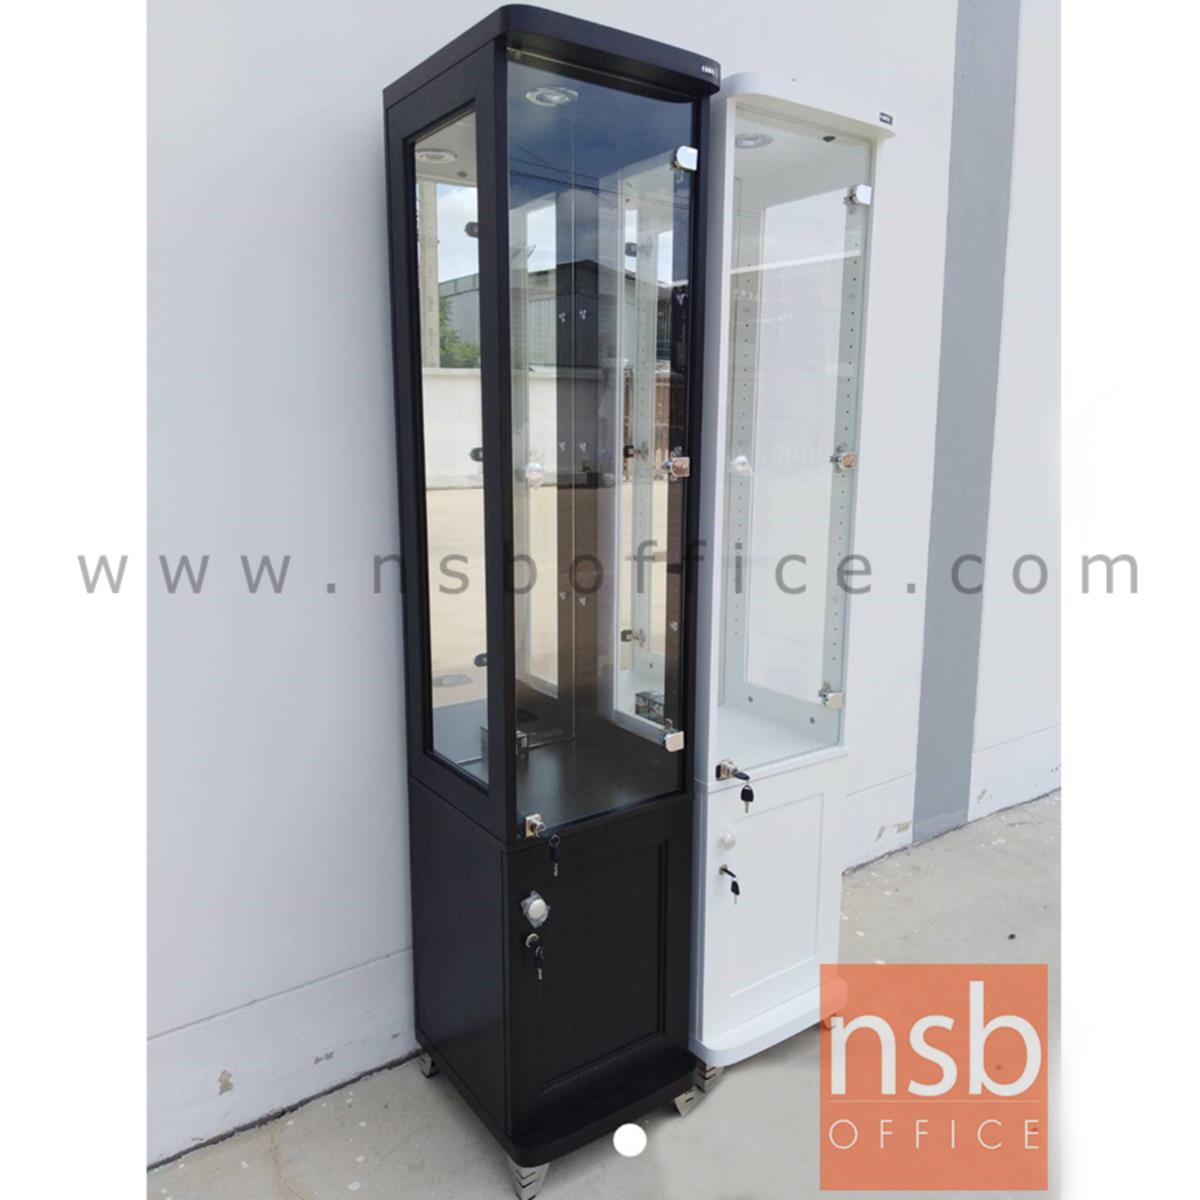 G06A030:ตู้โชว์กระจกดาวน์ไลท์ 1 บานเปิด ขนาด 40W*40D*190H cm.  รุ่น DW-6848-DS มีไฟในตัว (หลังกระจกเงา)